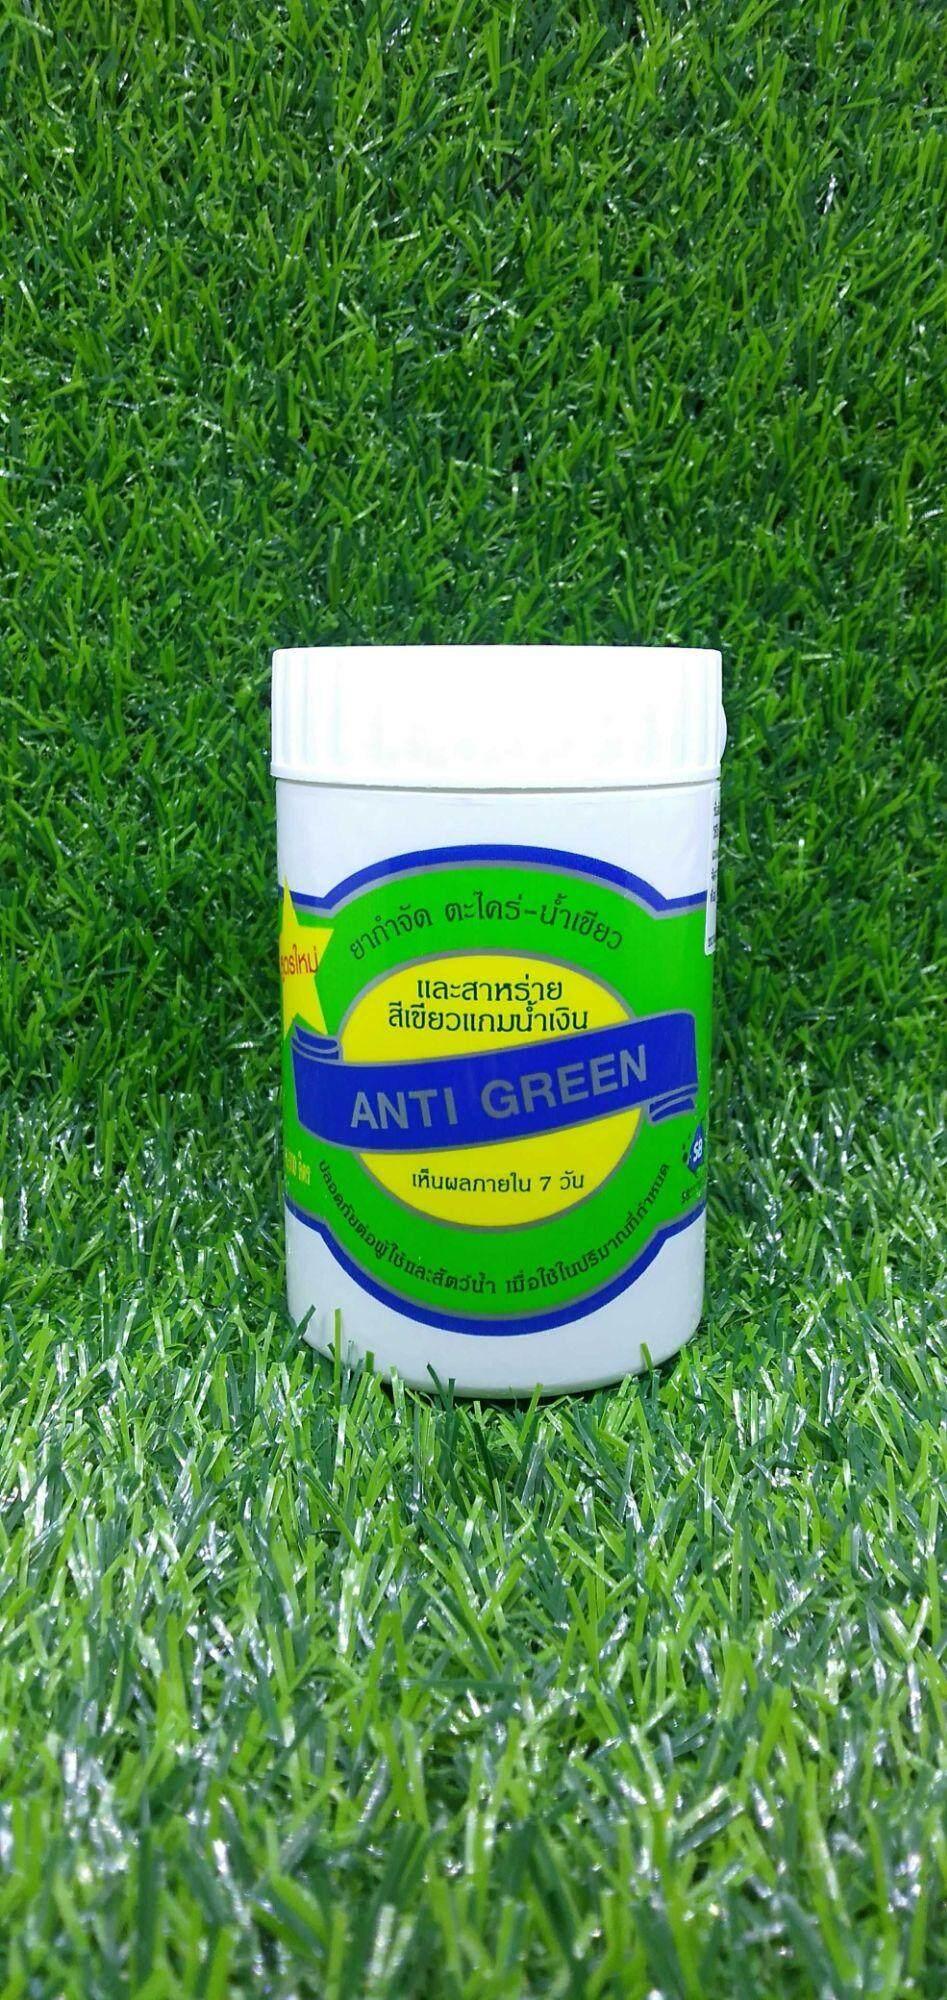 แอนตี้กรีน  ยากำจัดตะไคร้น้ำ ตะไคร้ขอบบ่อ กำจัดน้ำเขียว น้ำขุ่น ANTI GREEN ขนาด 200 ซีซี